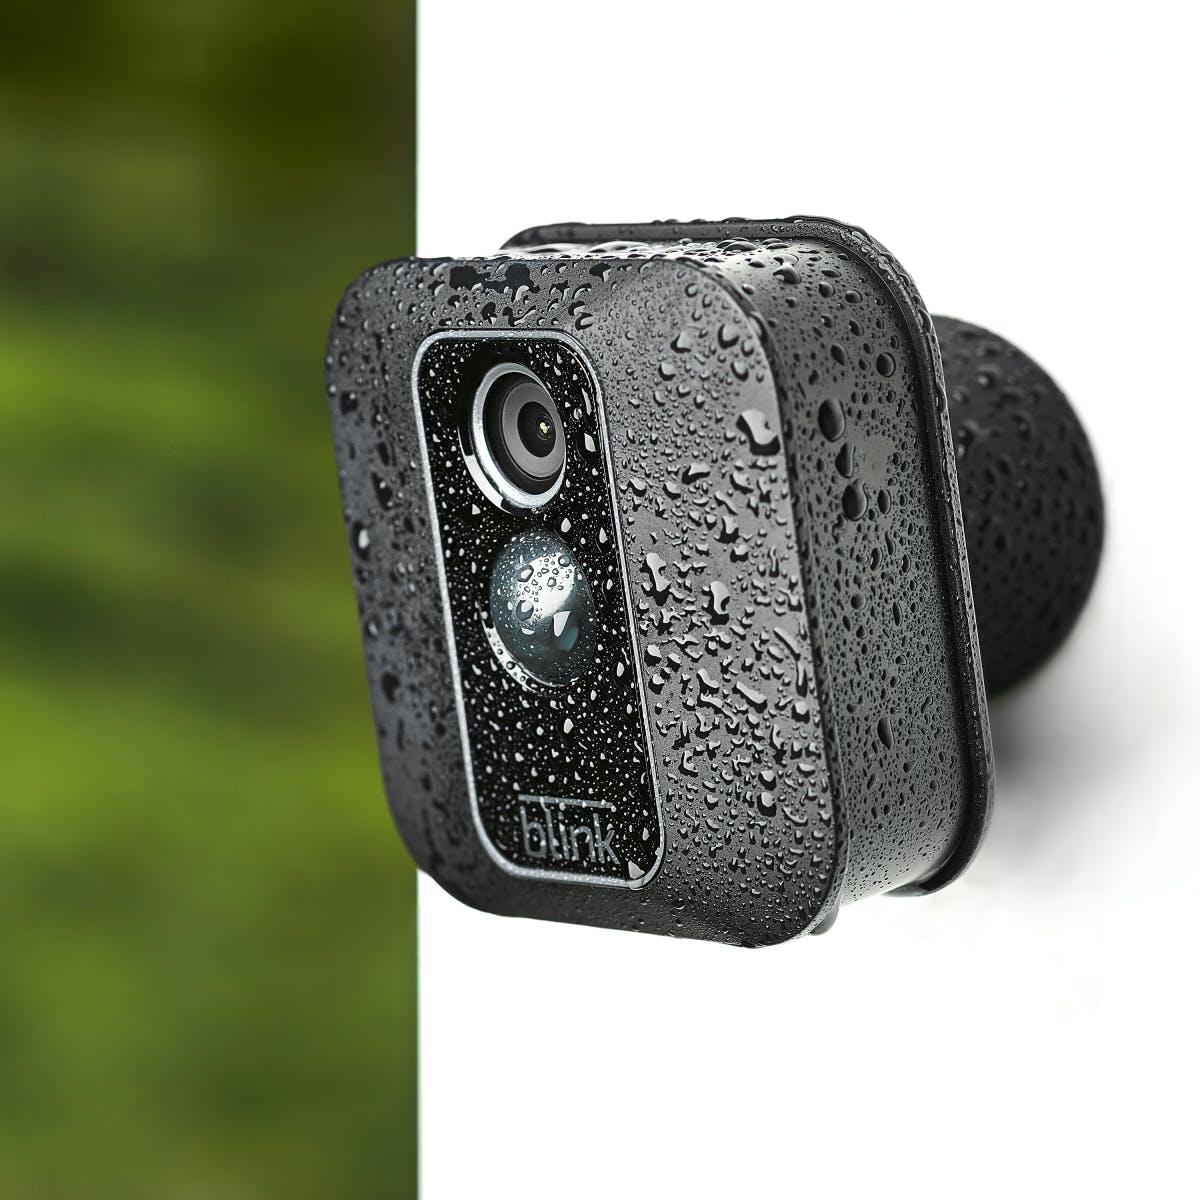 Doppelte Aufnahmedauer: Das ist Amazons neue Sicherheitskamera Blink XT2